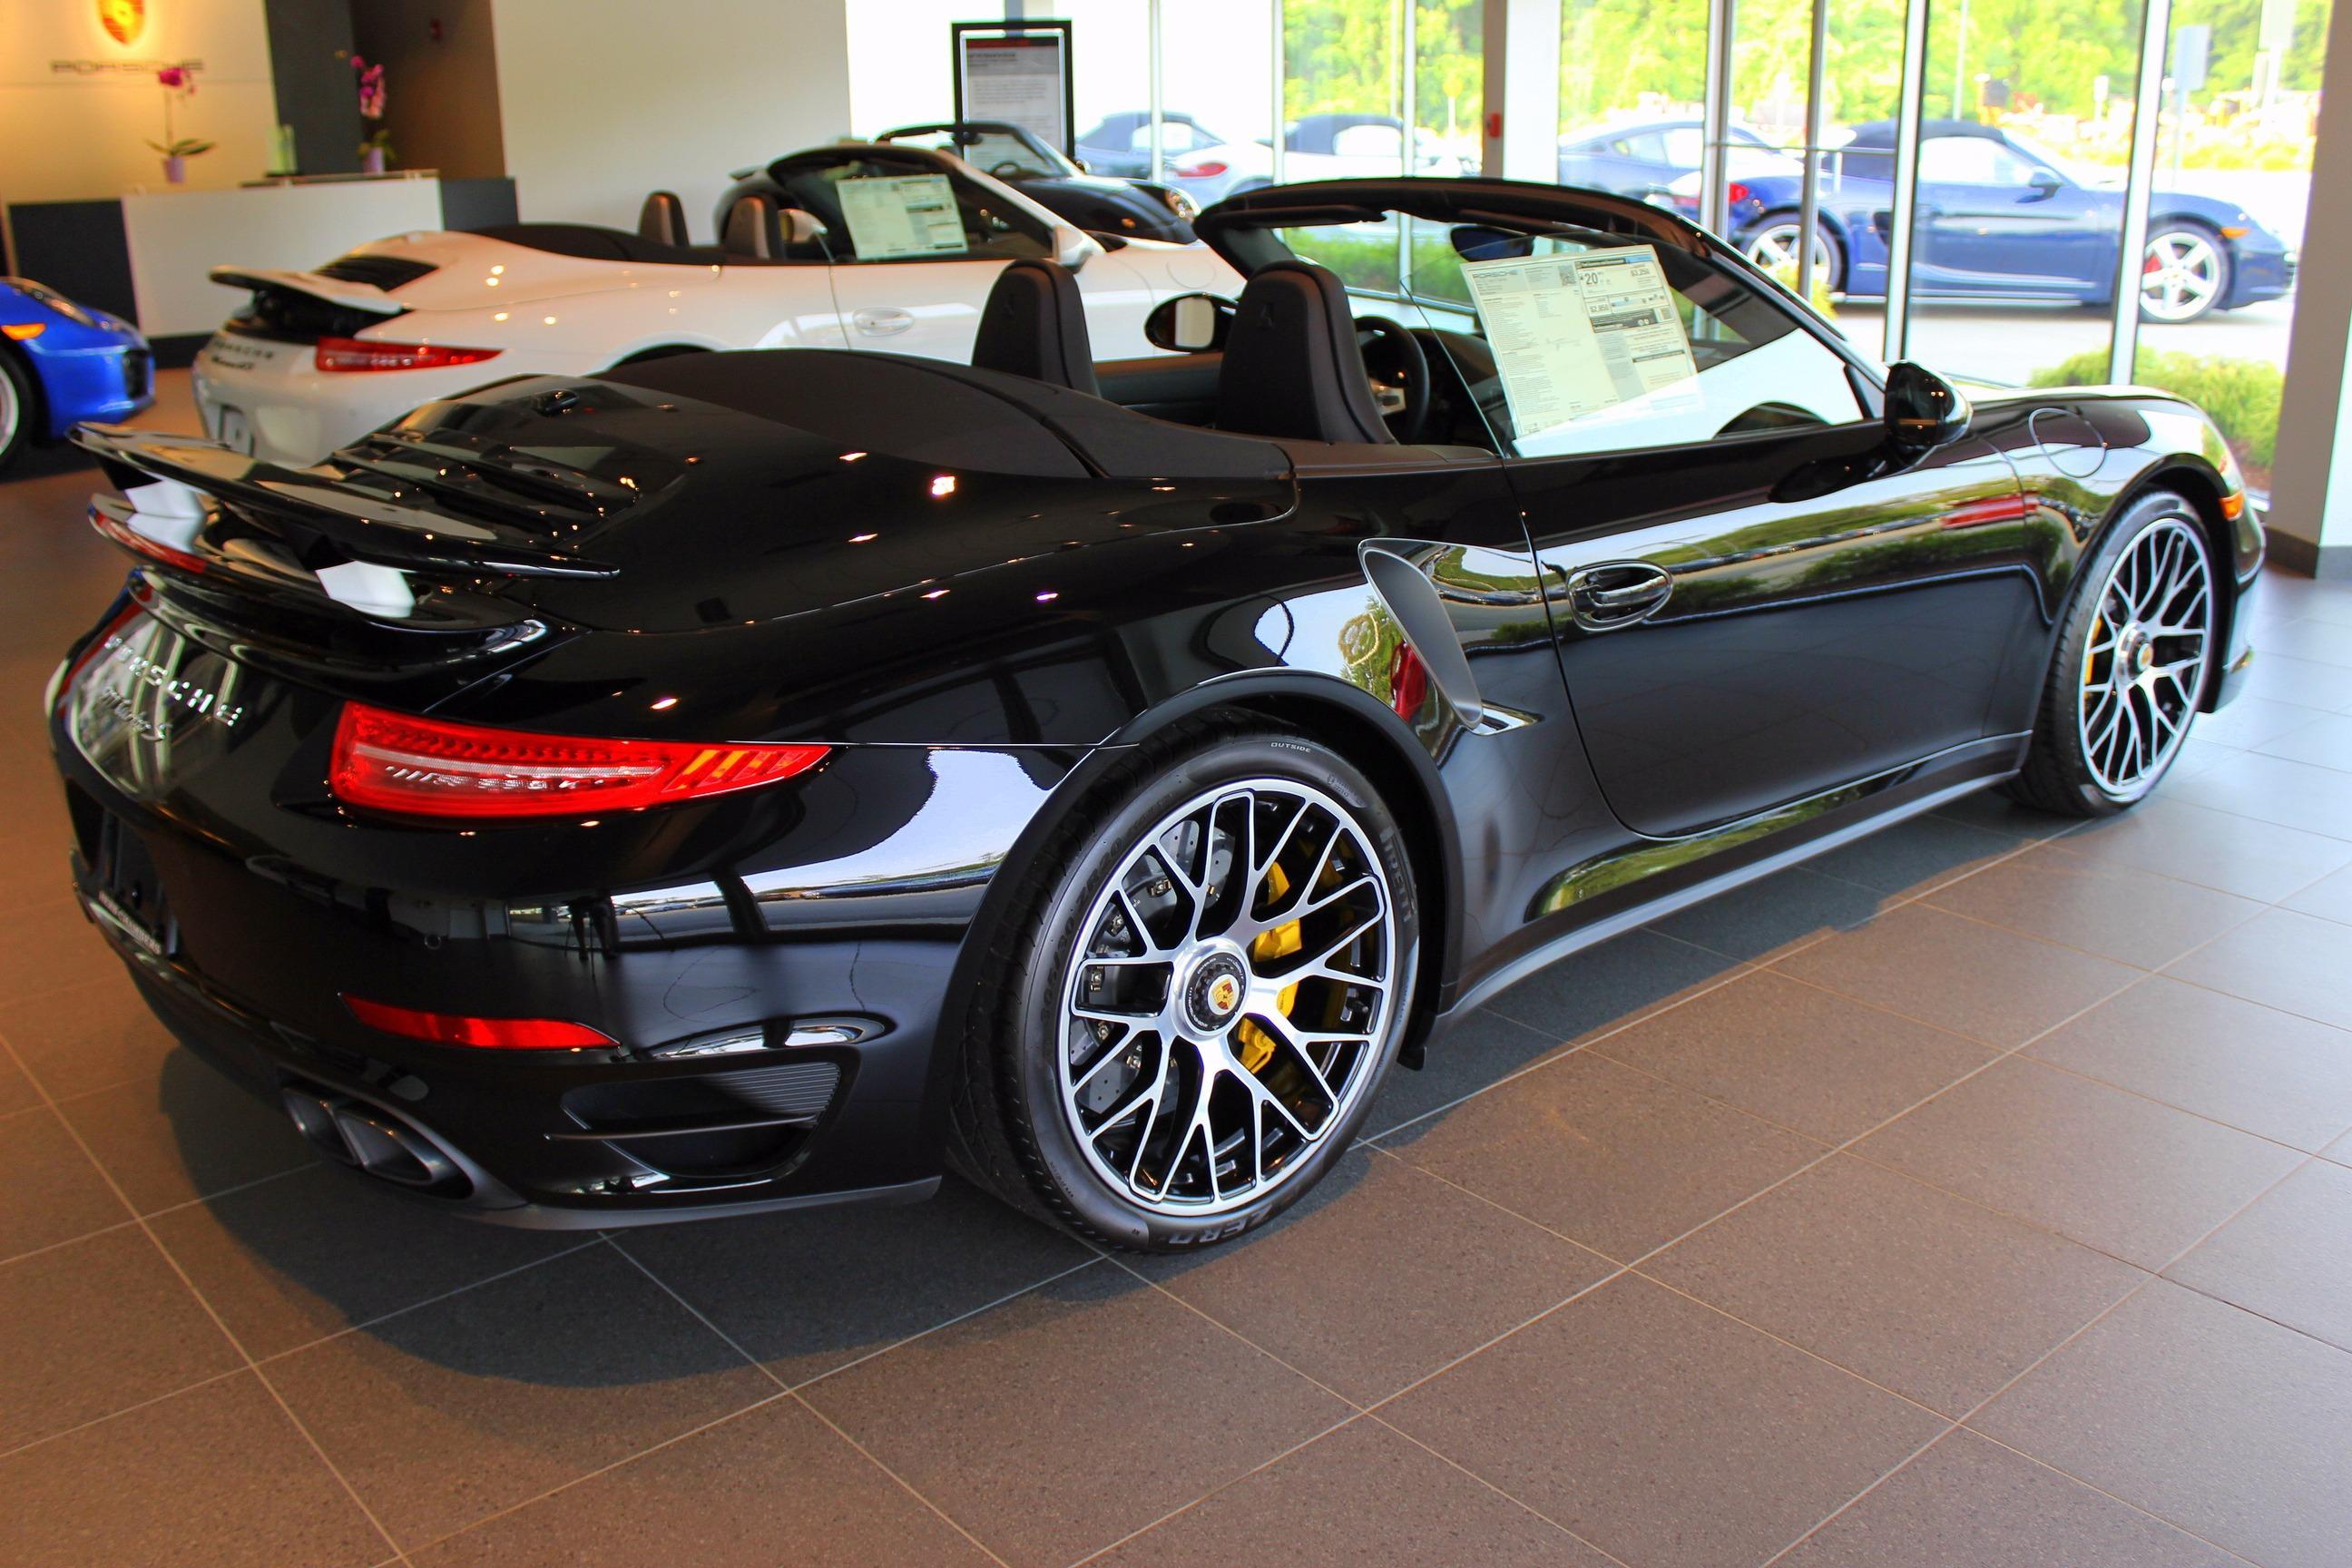 Porsche Burlington image 6